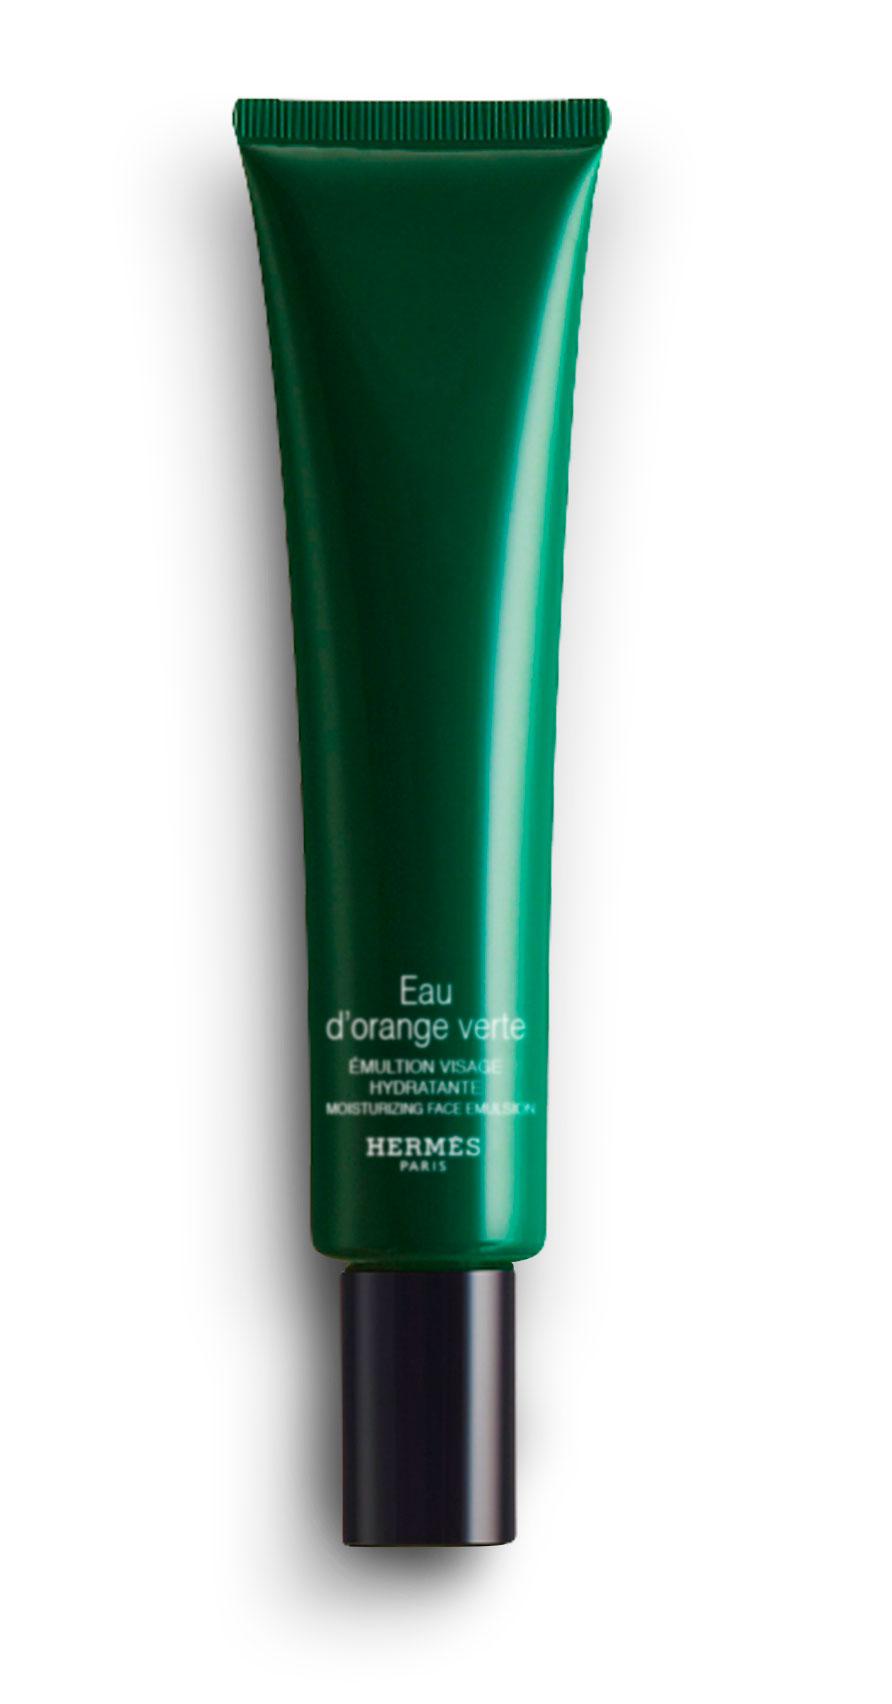 Hermès - Eau d'orange verte - Emulsion visage hydratante 75 ml